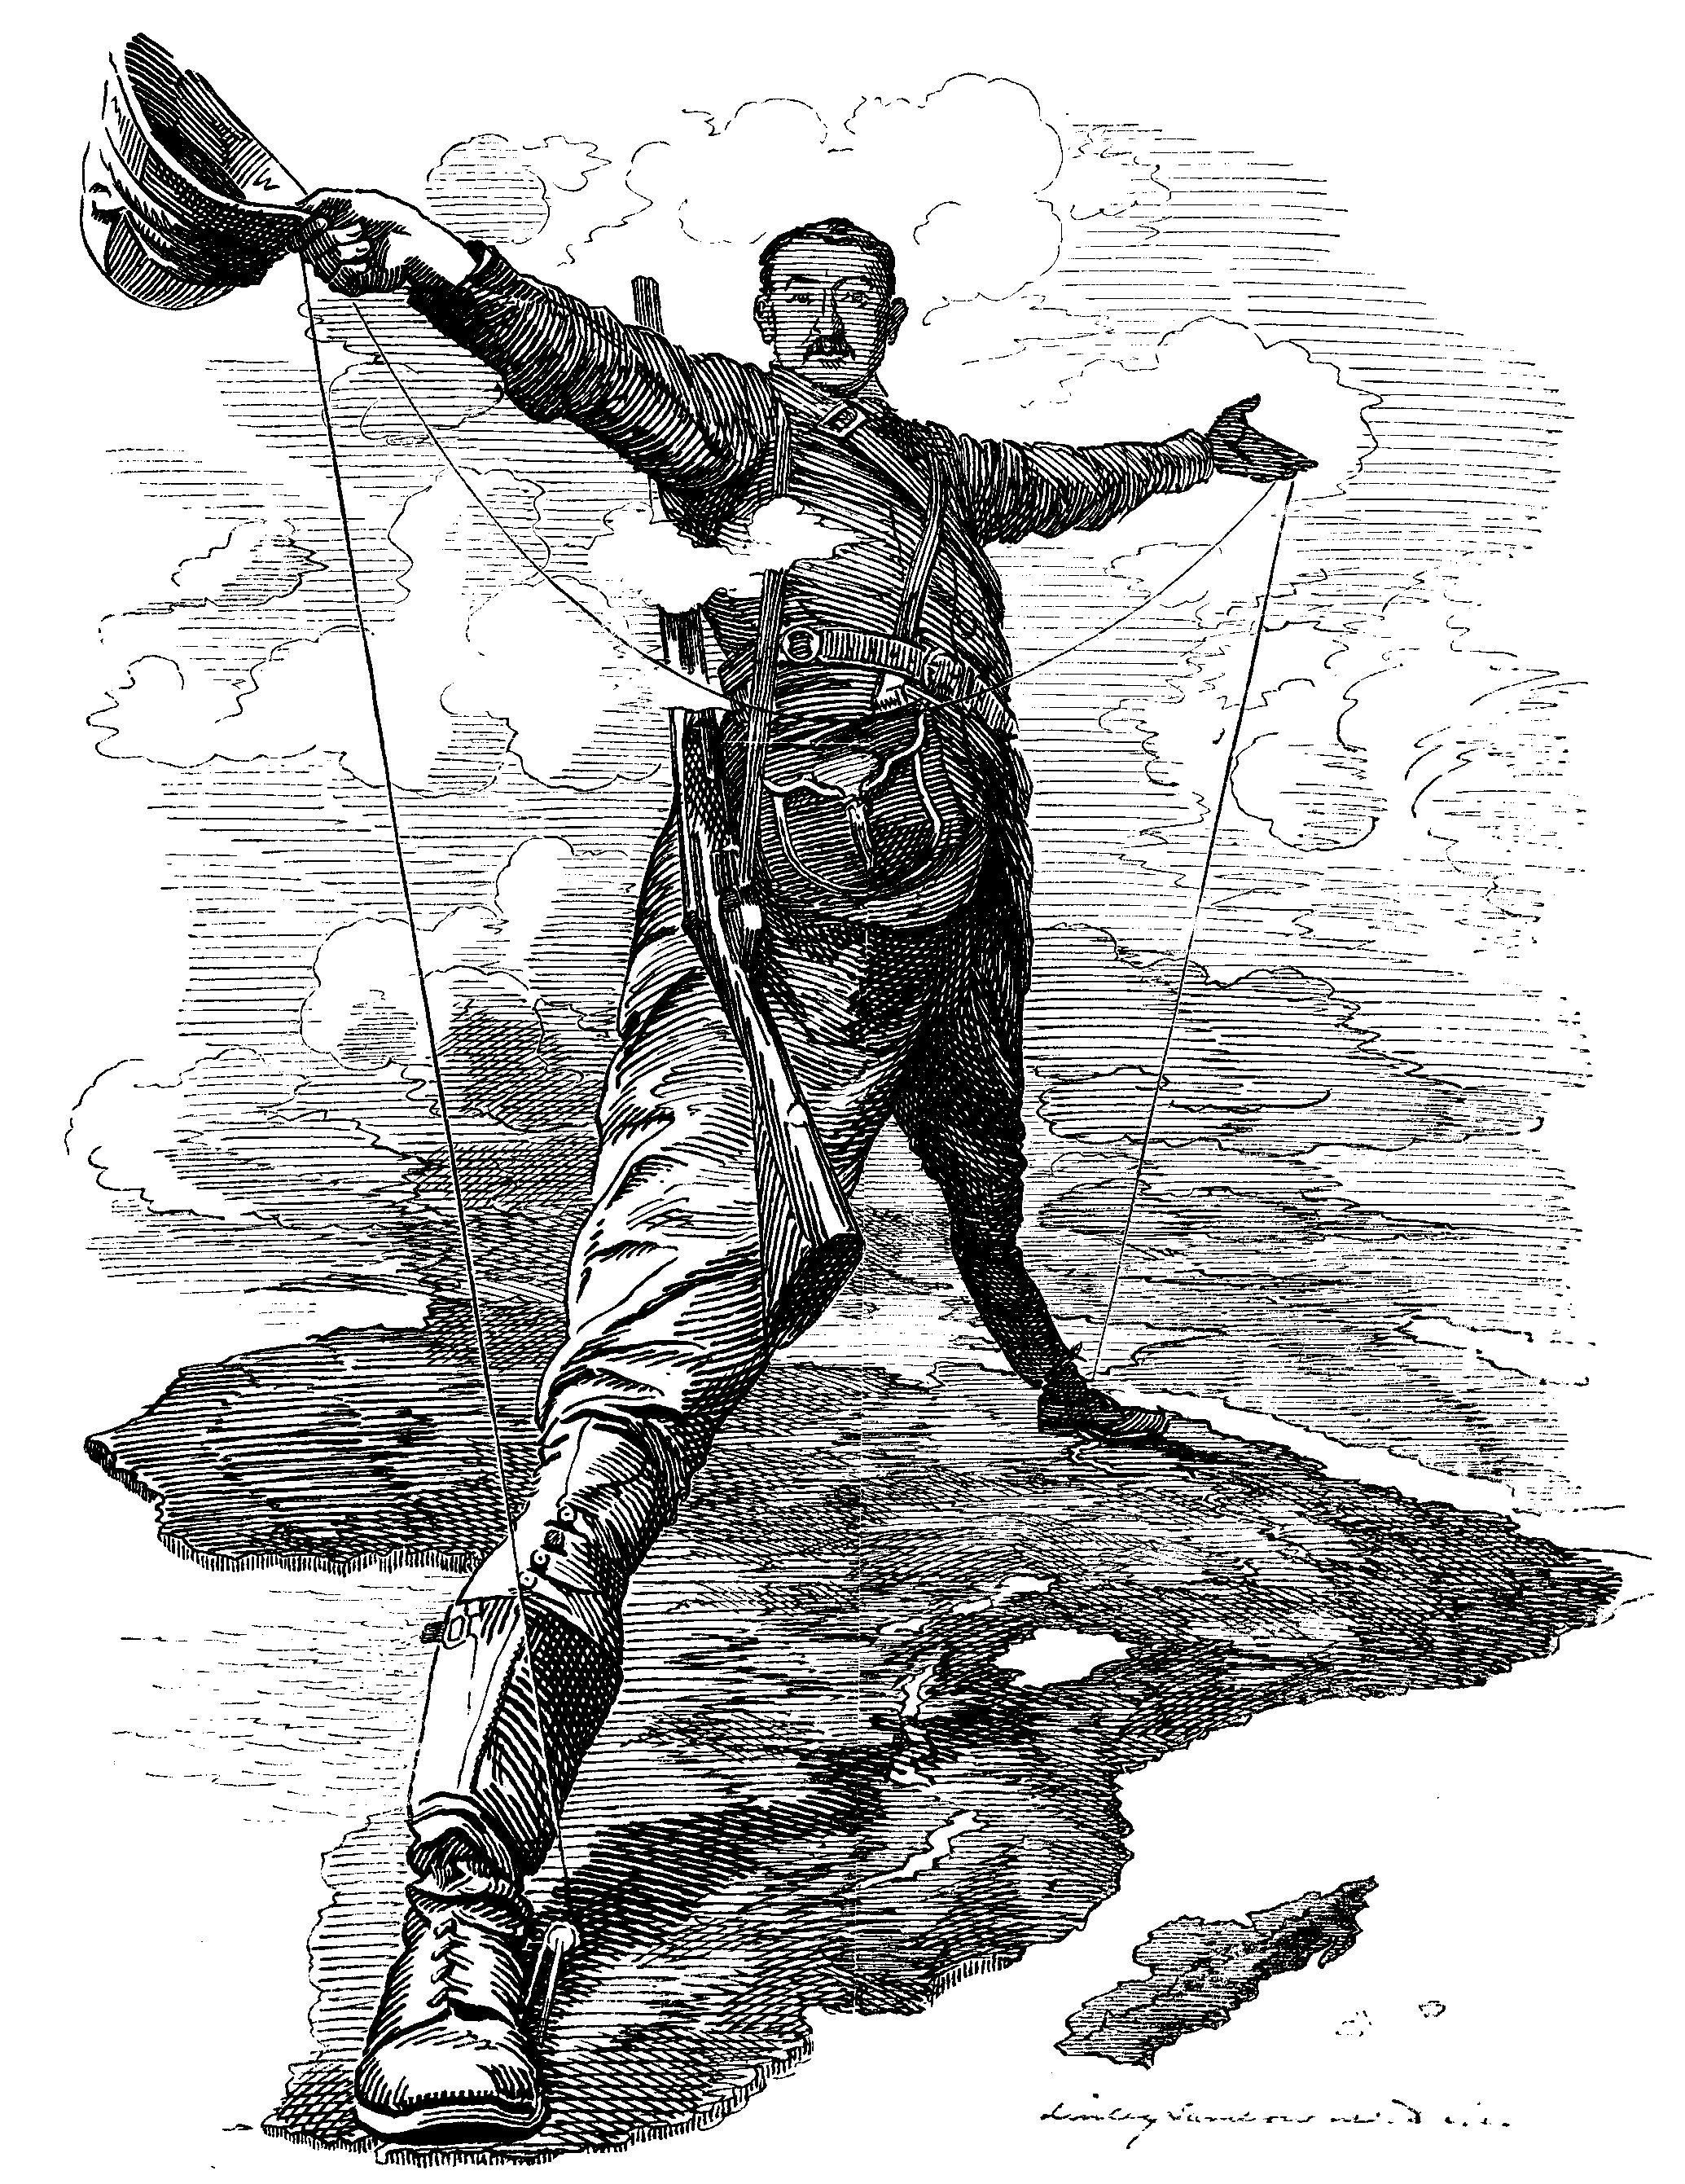 Карикатура на грандиозные планы Родса. Журнал «Punch». 1892.